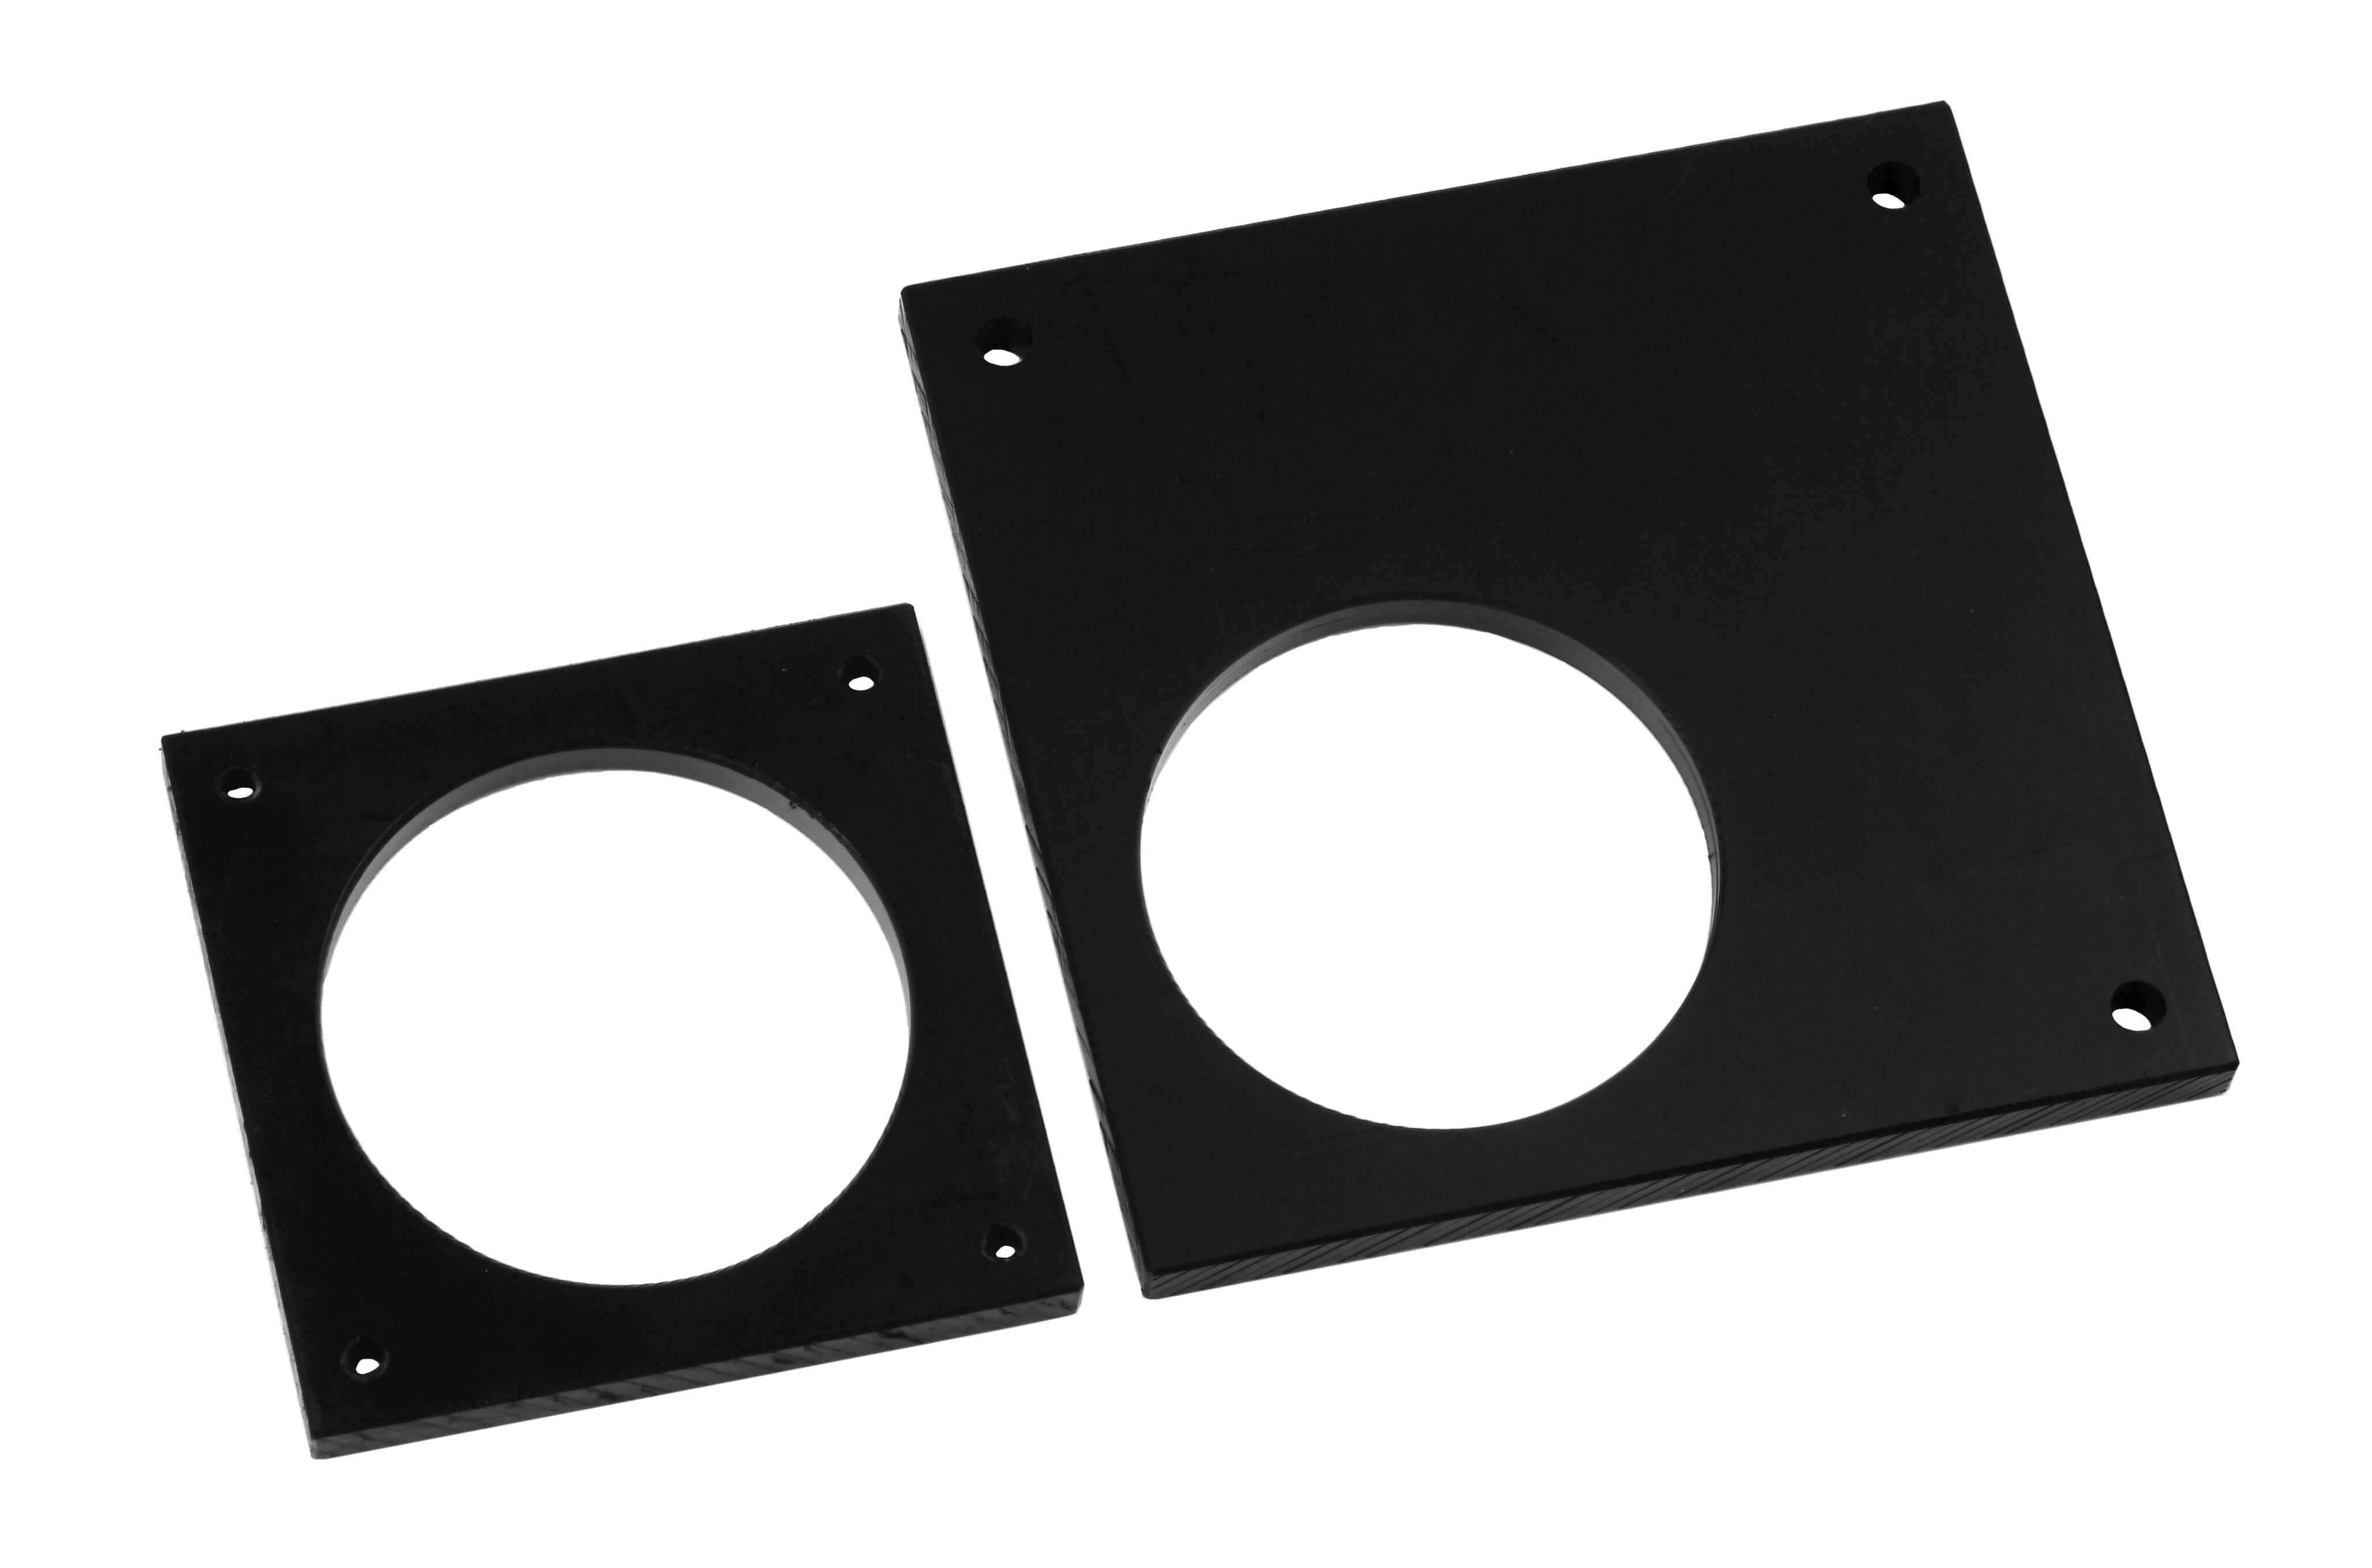 fixatieplaten (fixation plates - geschikt voor rubber voet type 52-02, 52-10, 52-15) Image